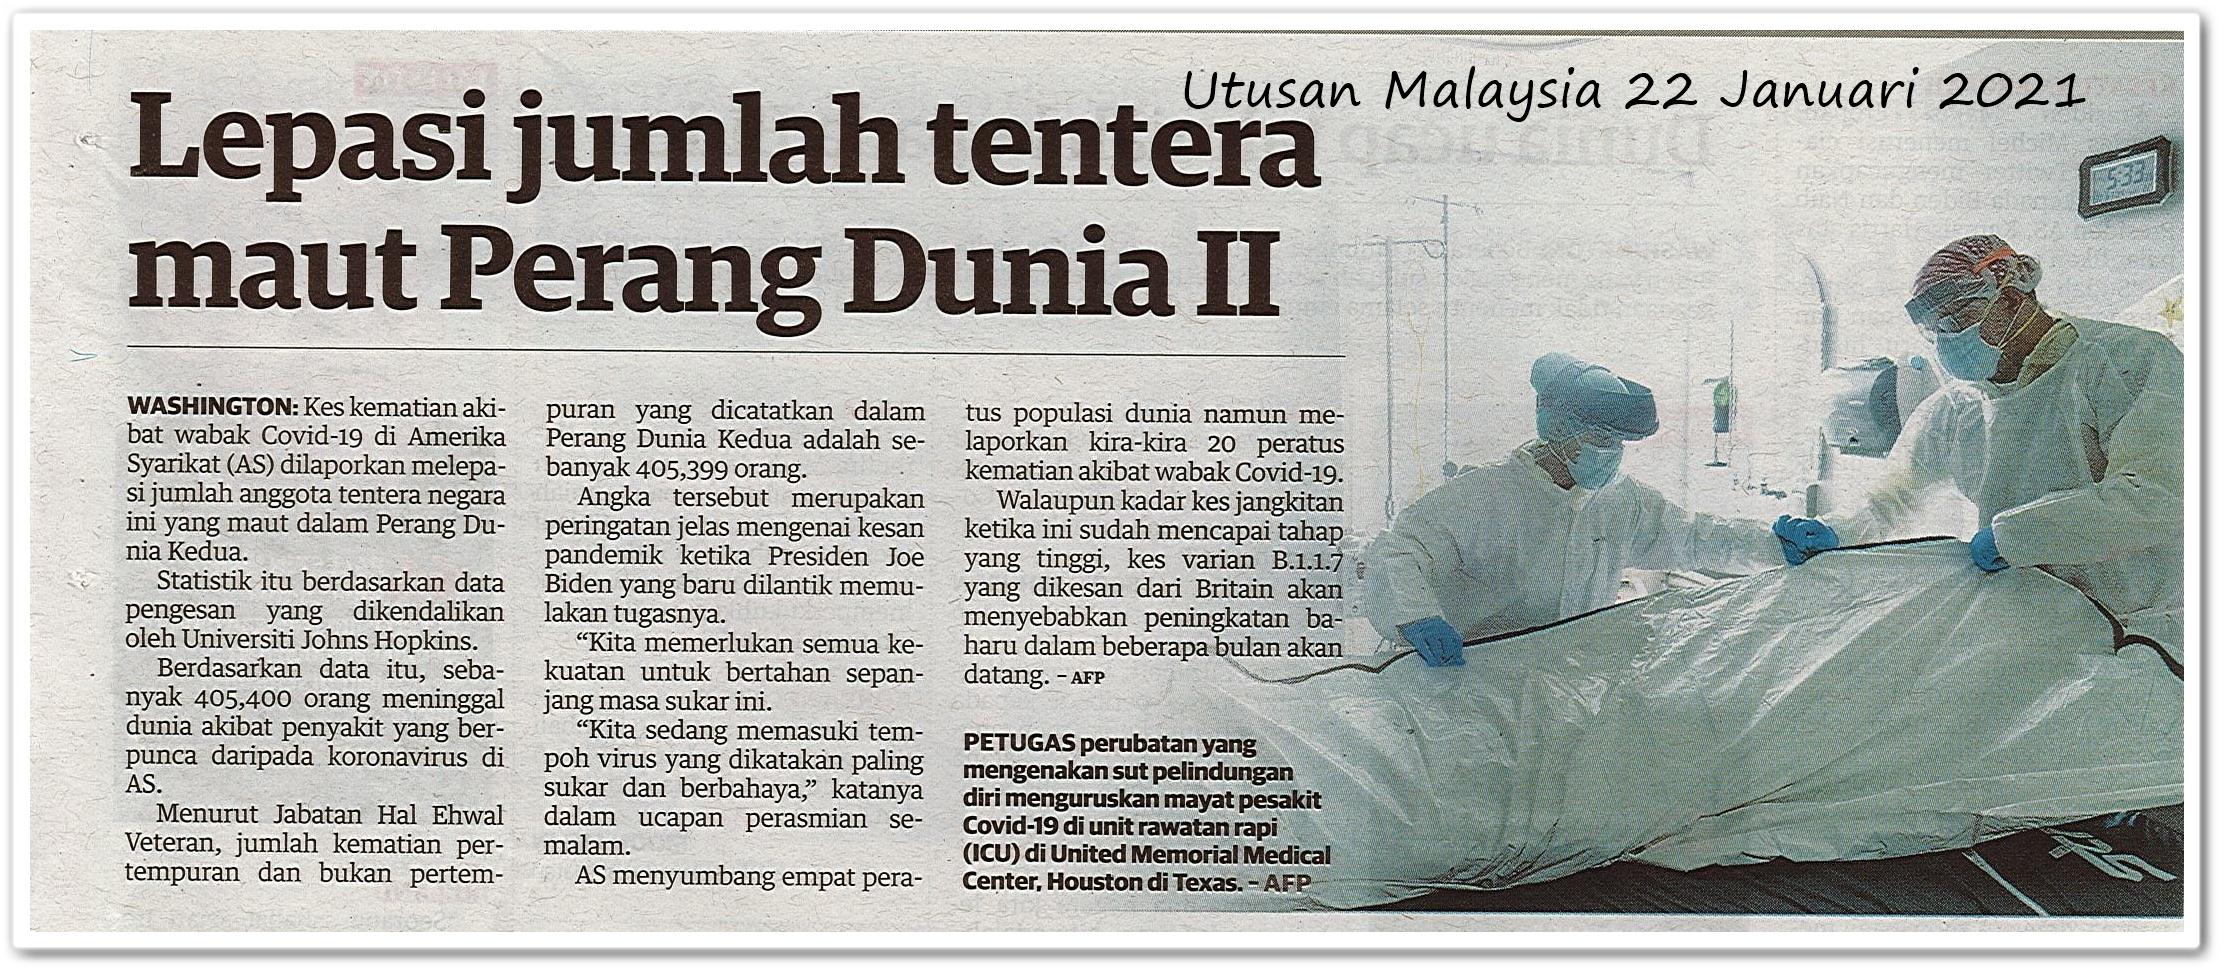 Lepasi jumlah tentera maut Perang Dunia II - Keratan akhbar Utusan Malaysia 22 Januari 2021